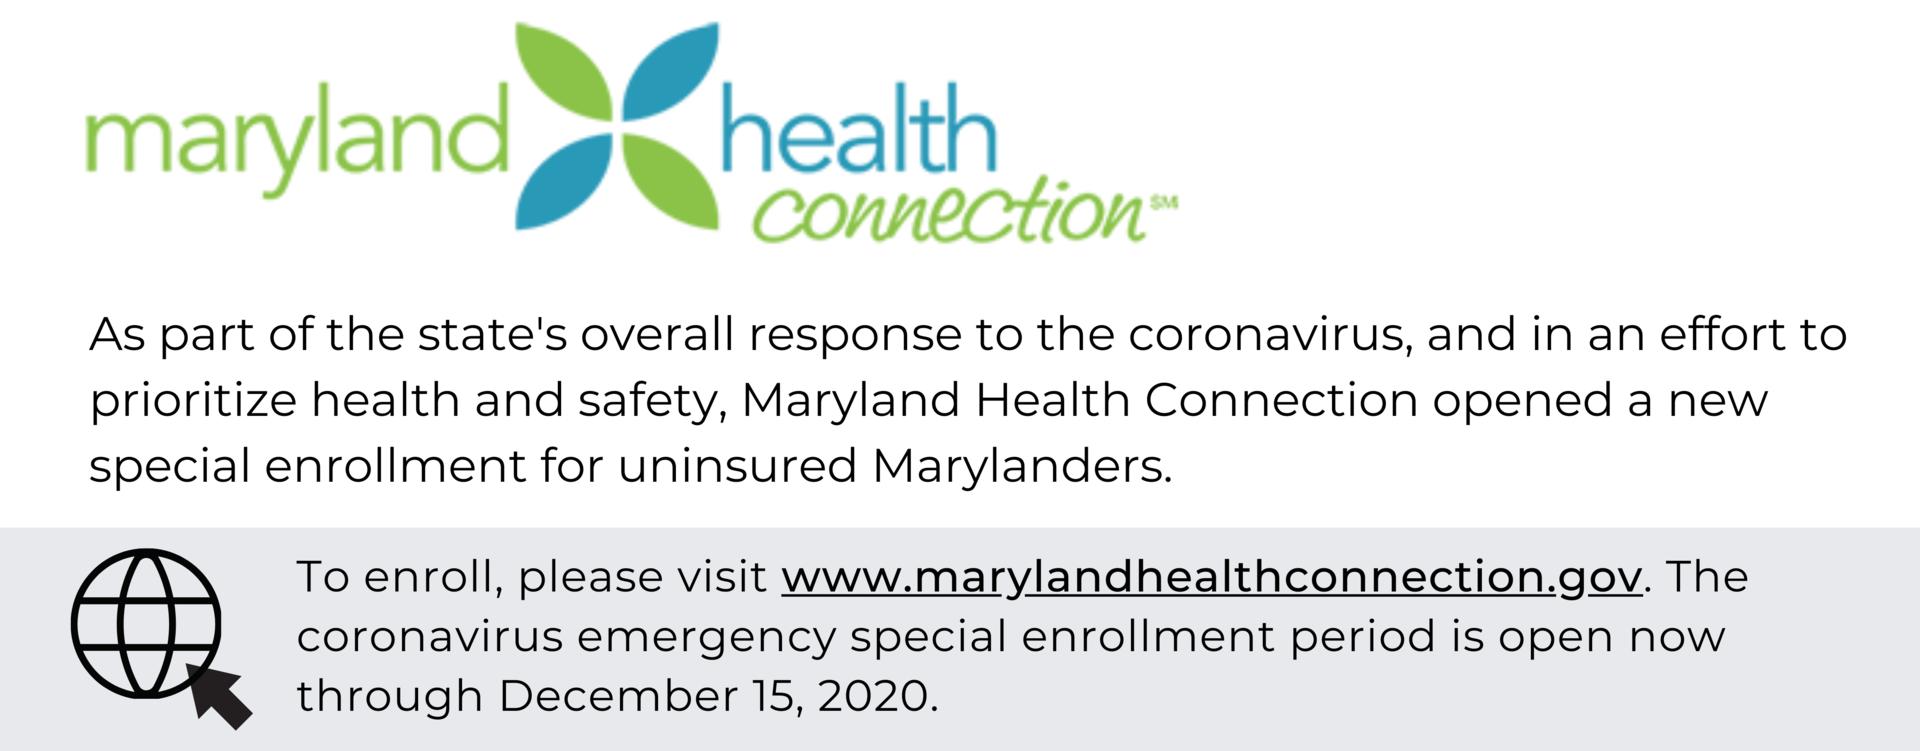 Uninsured Marylanders